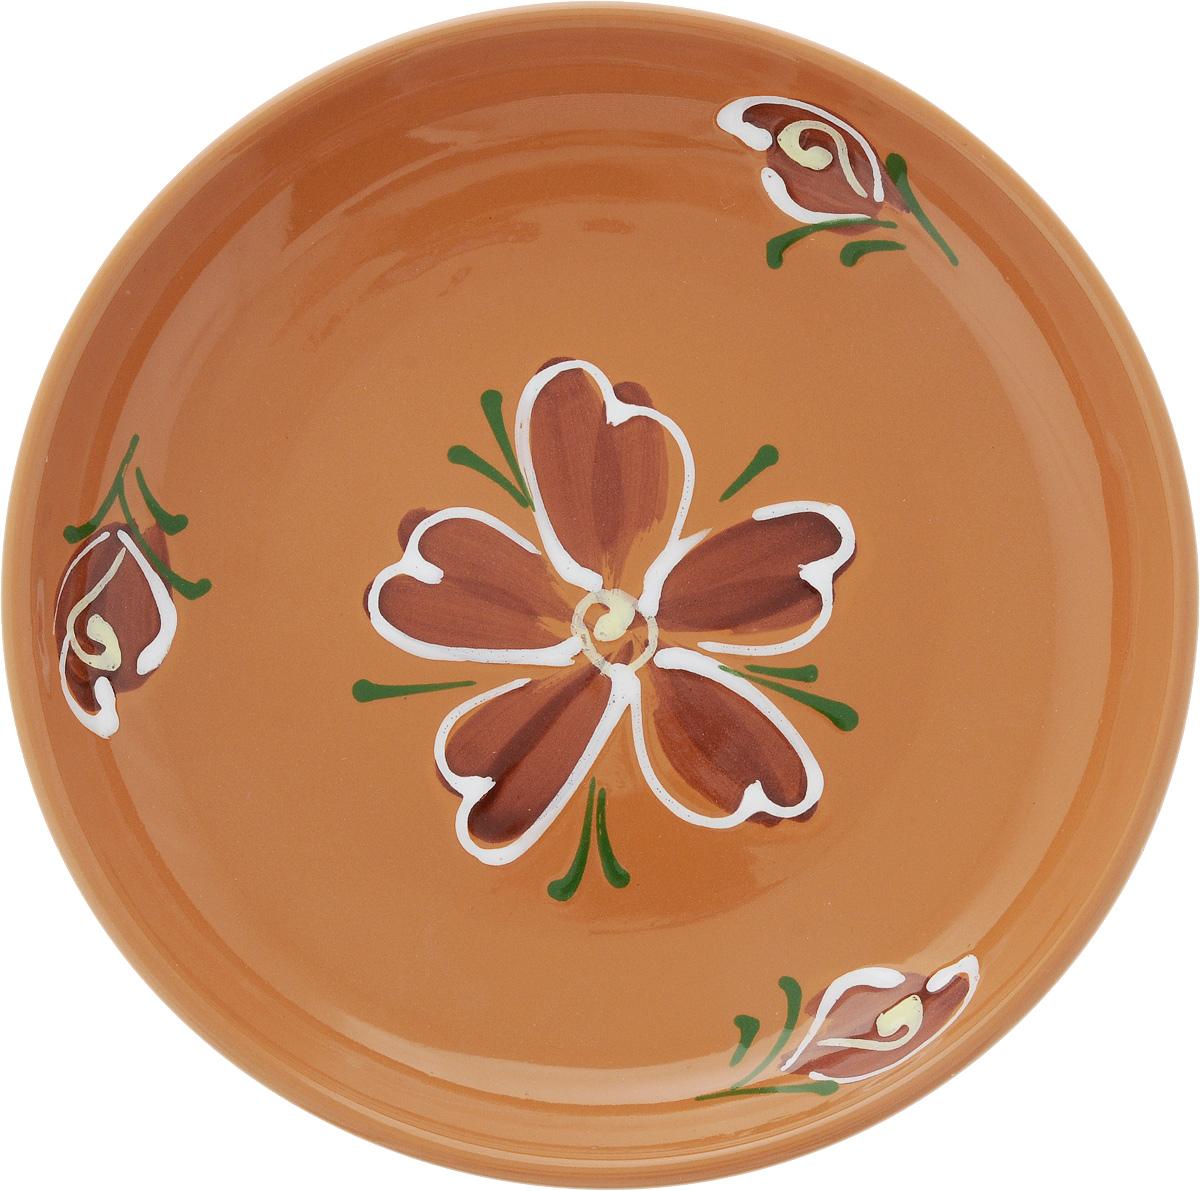 Тарелка Борисовская керамика Cтандарт. Цветок, цвет: светло-коричневый, диаметр 18 смVT-1520(SR)Тарелка Борисовская керамика Cтандарт выполнена из высококачественной керамики с покрытием пищевой глазурью. Изделие отлично подходит для подачи вторых блюд, сервировки нарезок, закусок, овощей и фруктов. Такая тарелка отлично подойдет для повседневного использования. Она прекрасно впишется в интерьер вашей кухни. Посуда термостойкая, можно использовать в духовке и в микроволновой печи. Диаметр тарелки (по верхнему краю): 18 см. Высота стенки: 3 см.